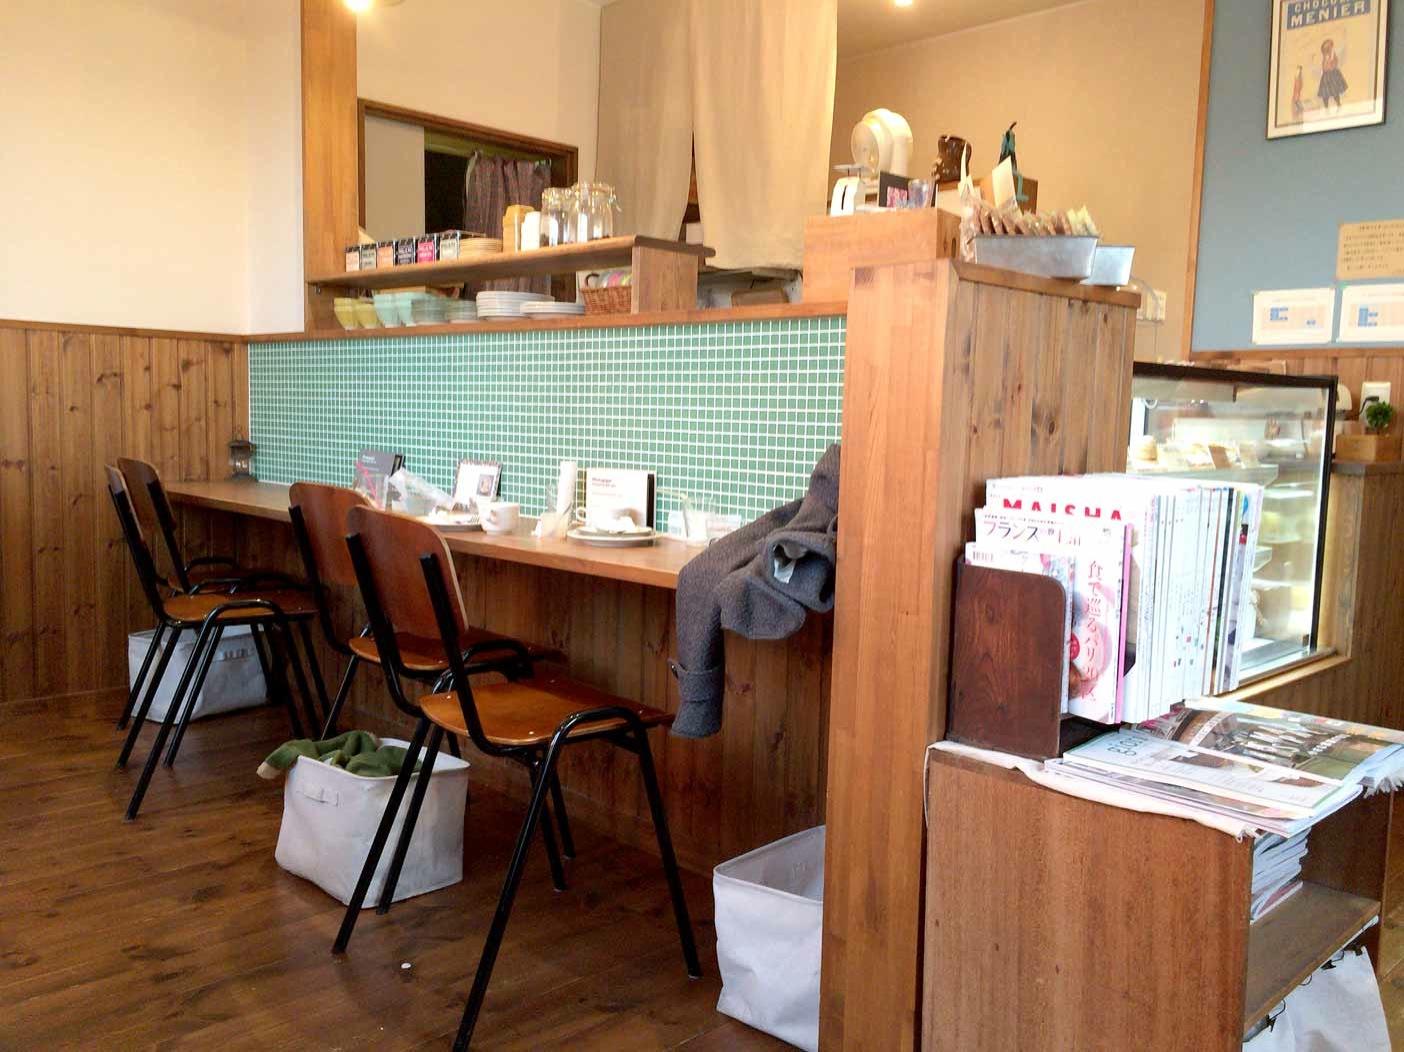 Patapouf cafe okazaki001